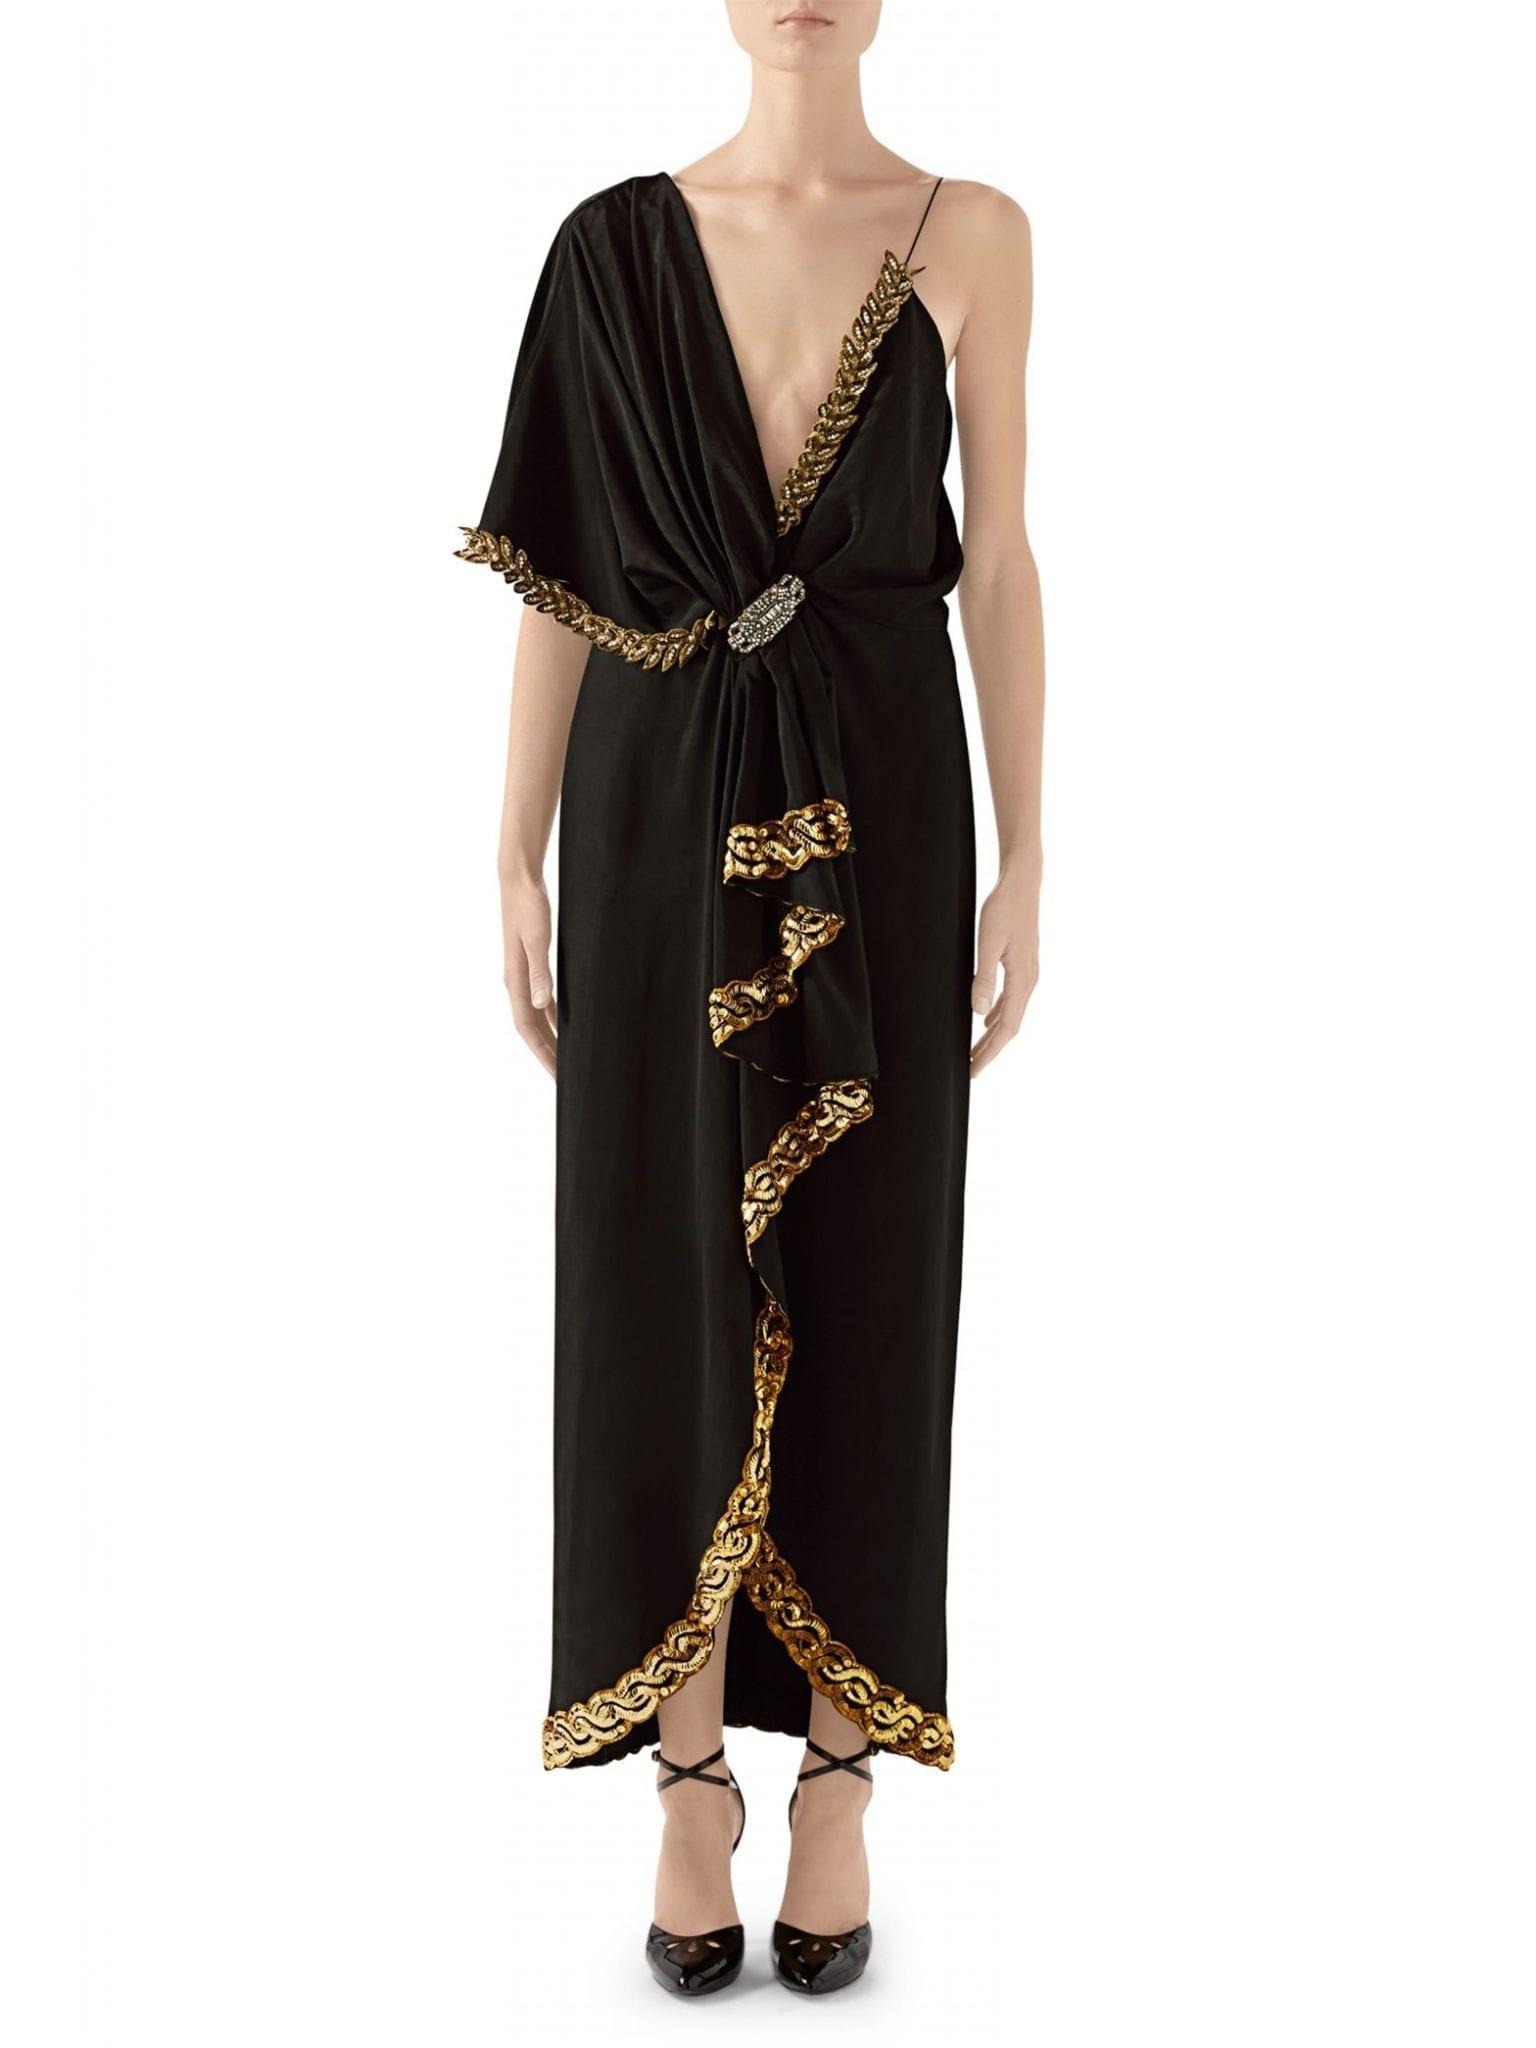 GUCCI Stretch Silk Leaf Embellished One-Sleeve Dress